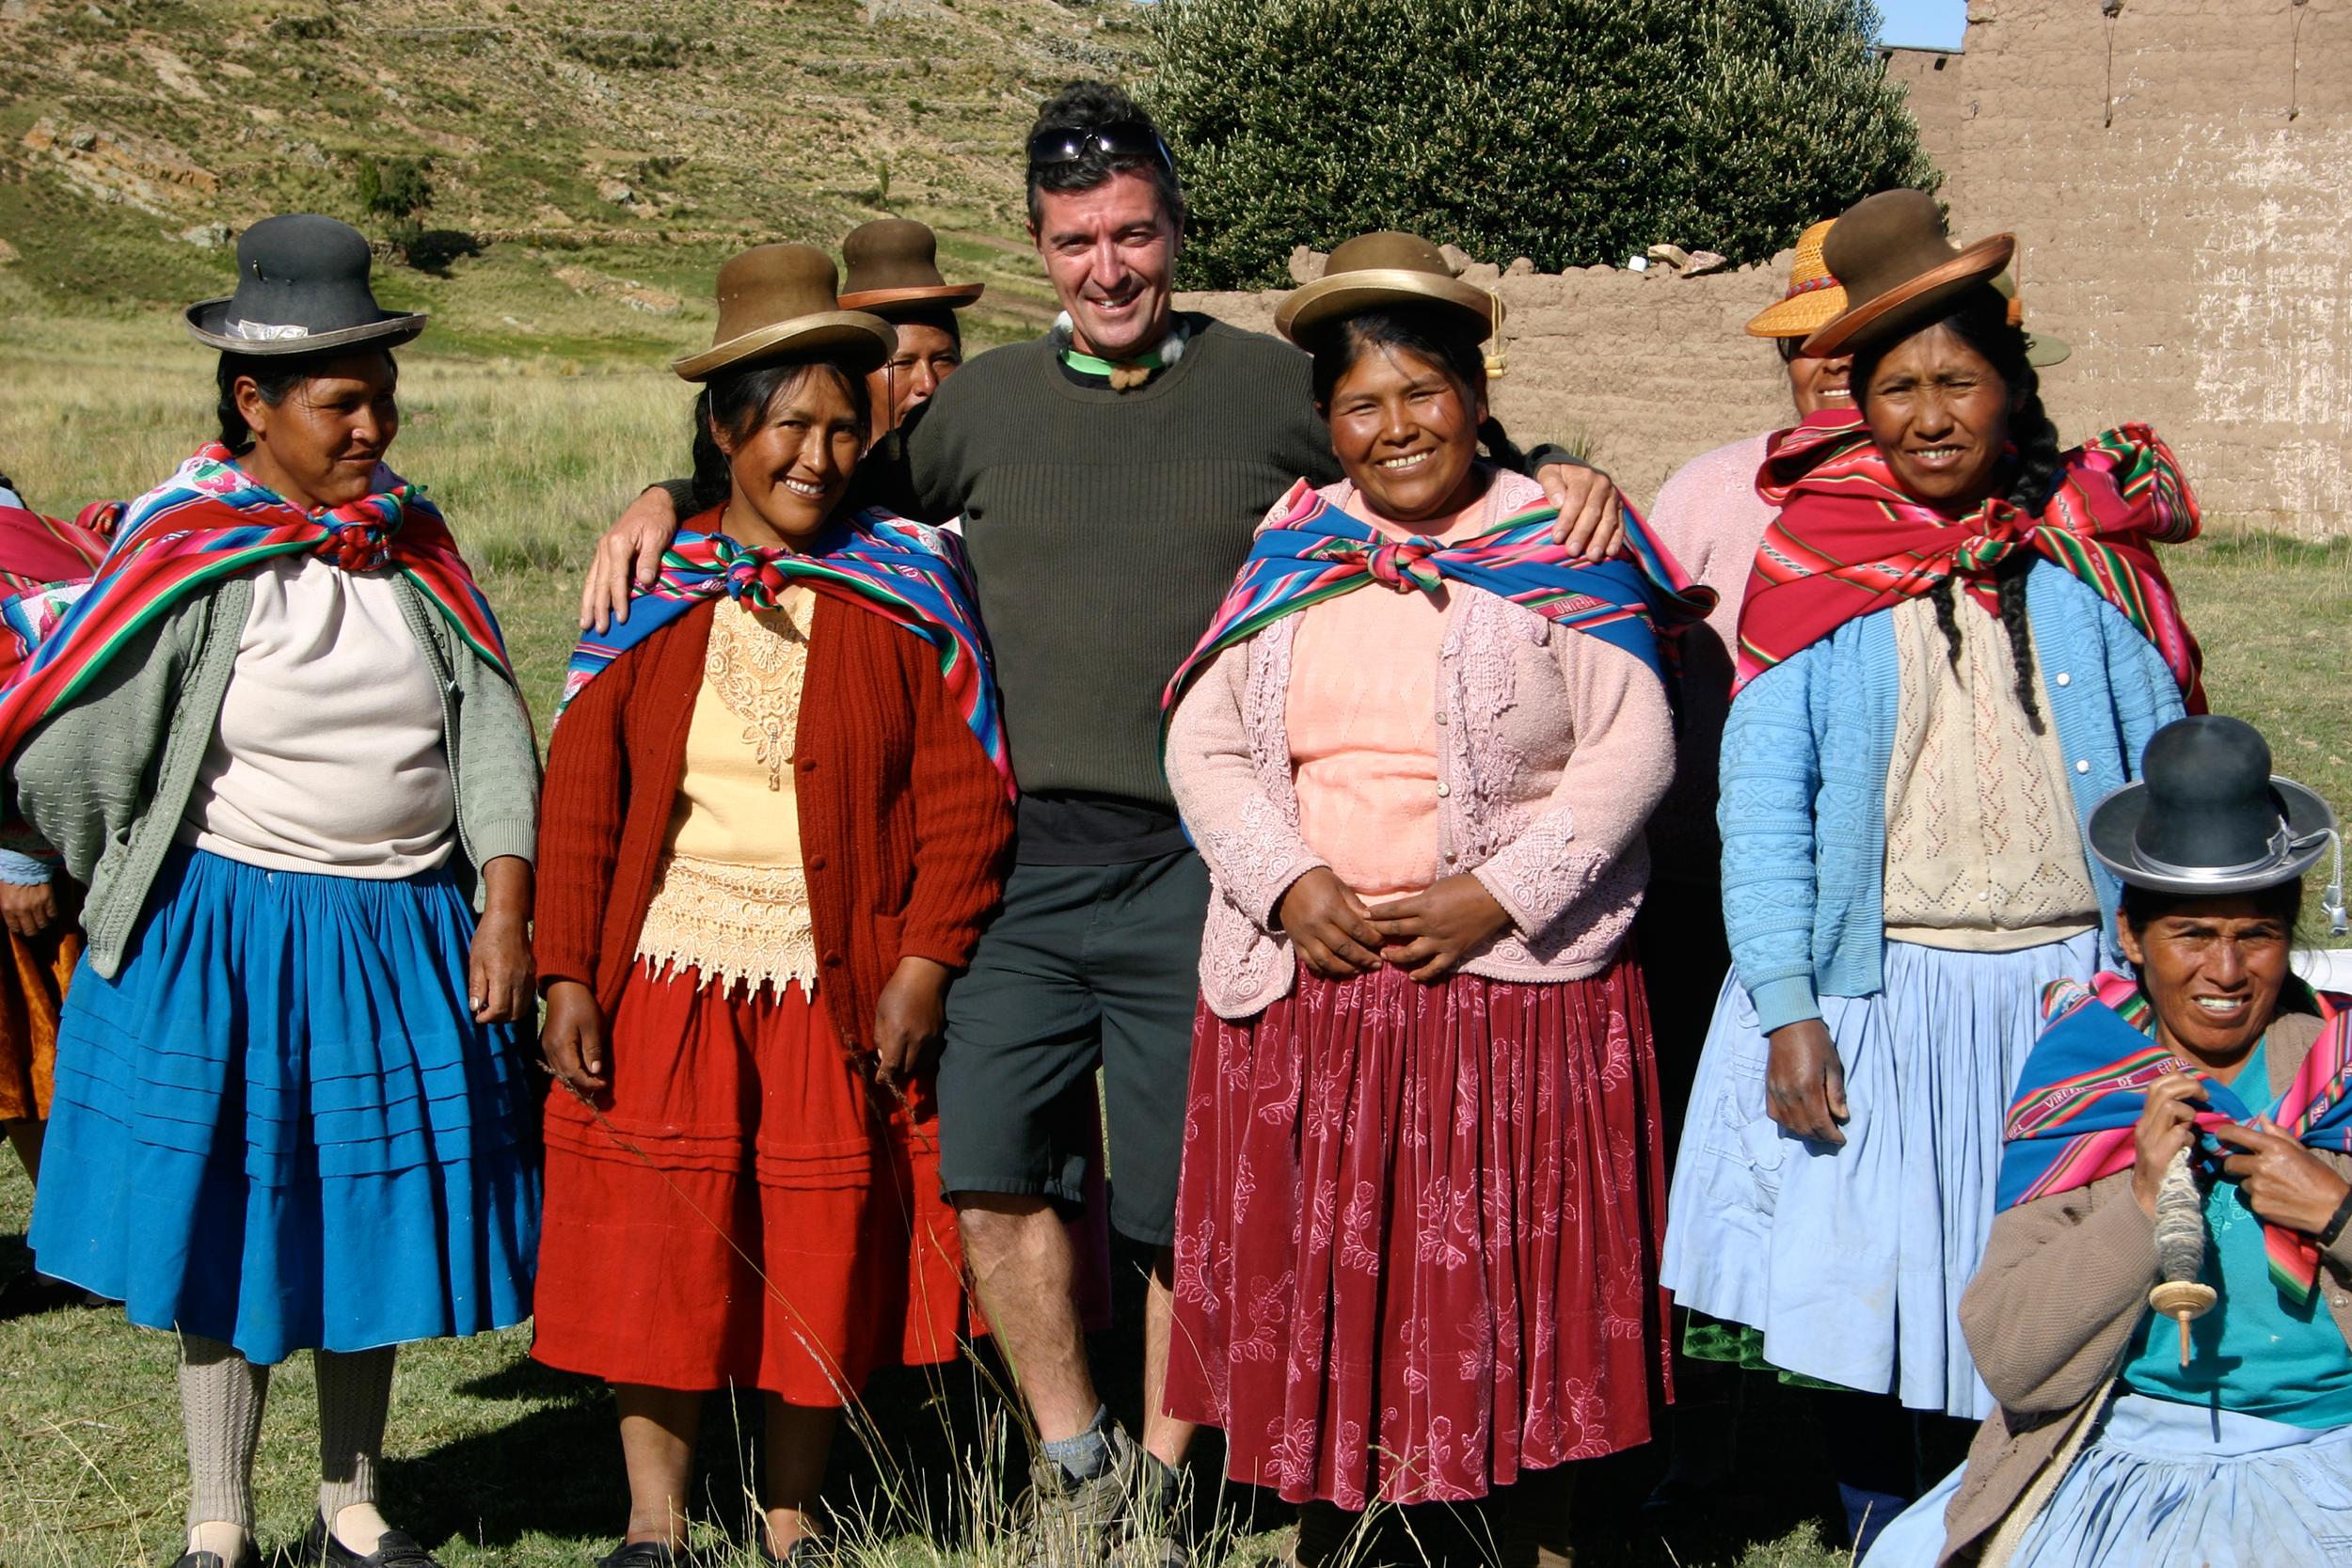 Fair Trade advocate Mark with Quechua artisan spinners & knitters - Juliaca, Peru